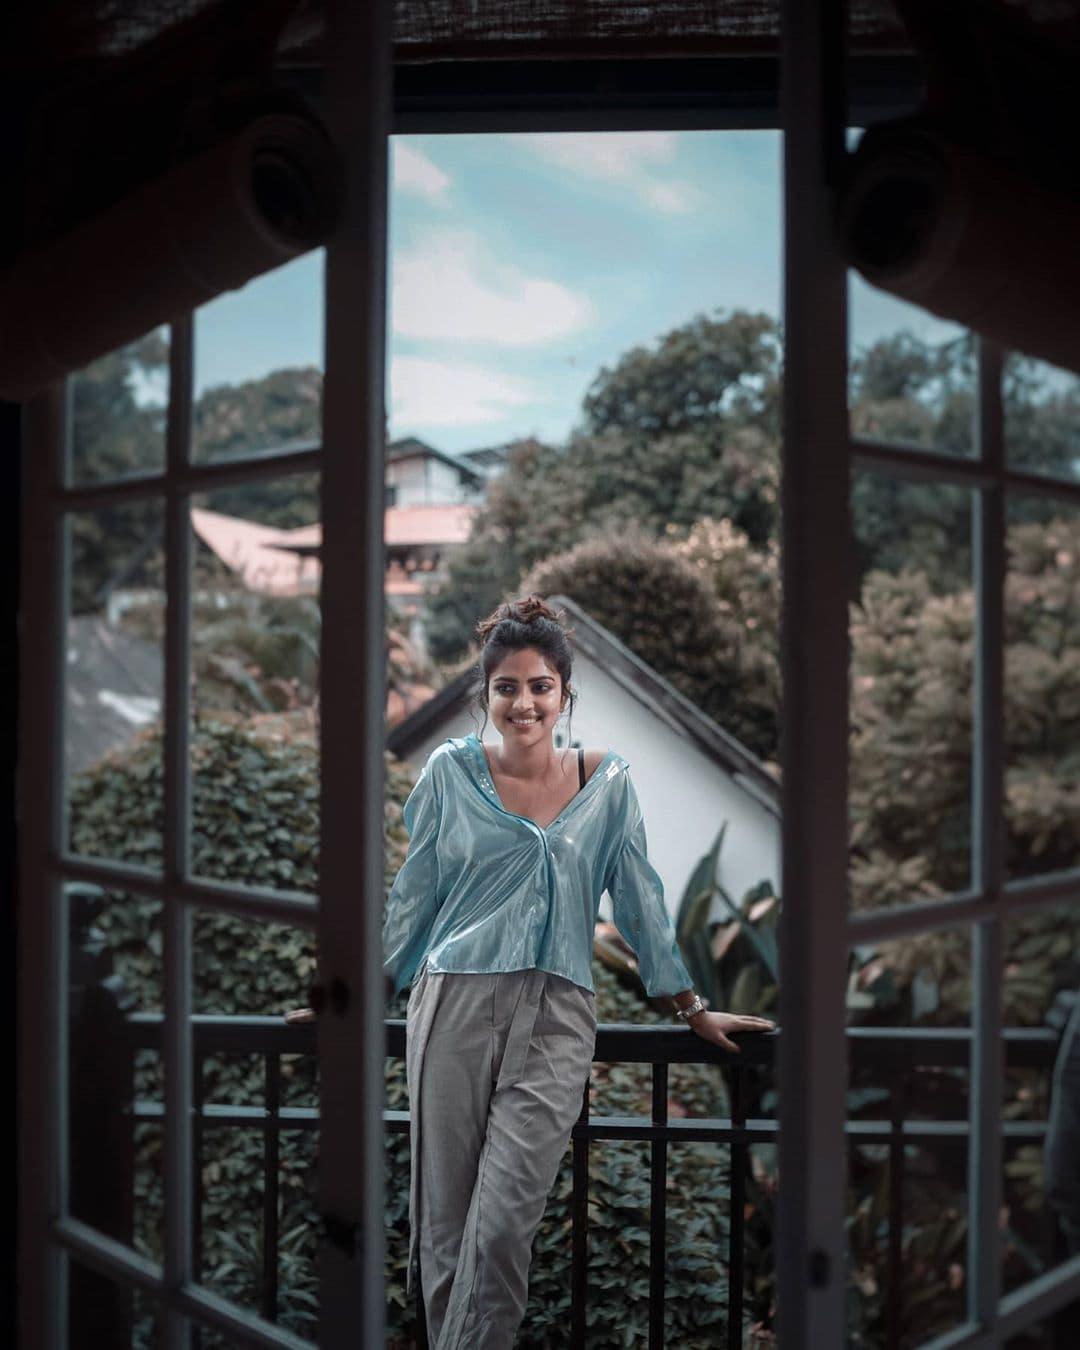 இதுகுறித்து புகைப்படங்களுடன் இன்ஸ்டாகிராமில் பதிவு ஒன்றை அமலா பால் வெளியிட்டுள்ளார். (Photo : Instagram)